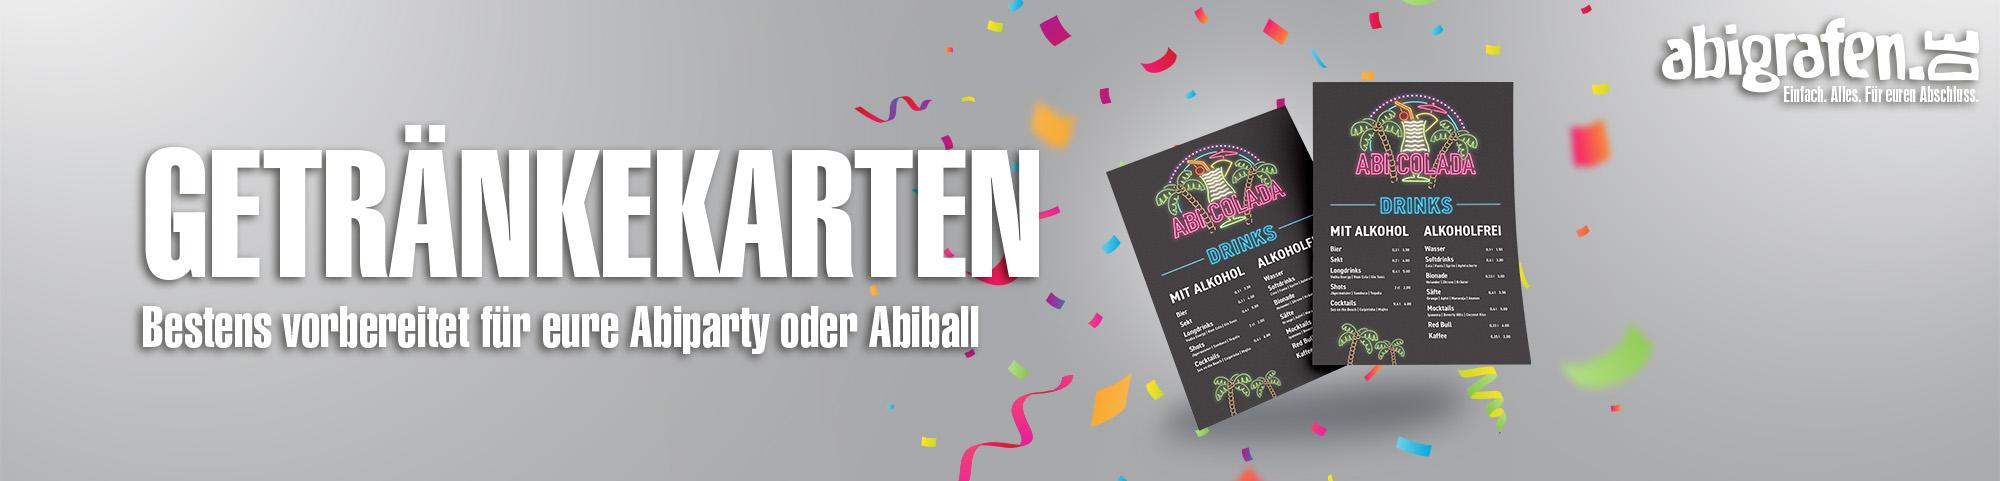 Produktinformationen, Layoutoptionen & Druck von Getränkekarten für Abifeier, Abiball, Abi Party